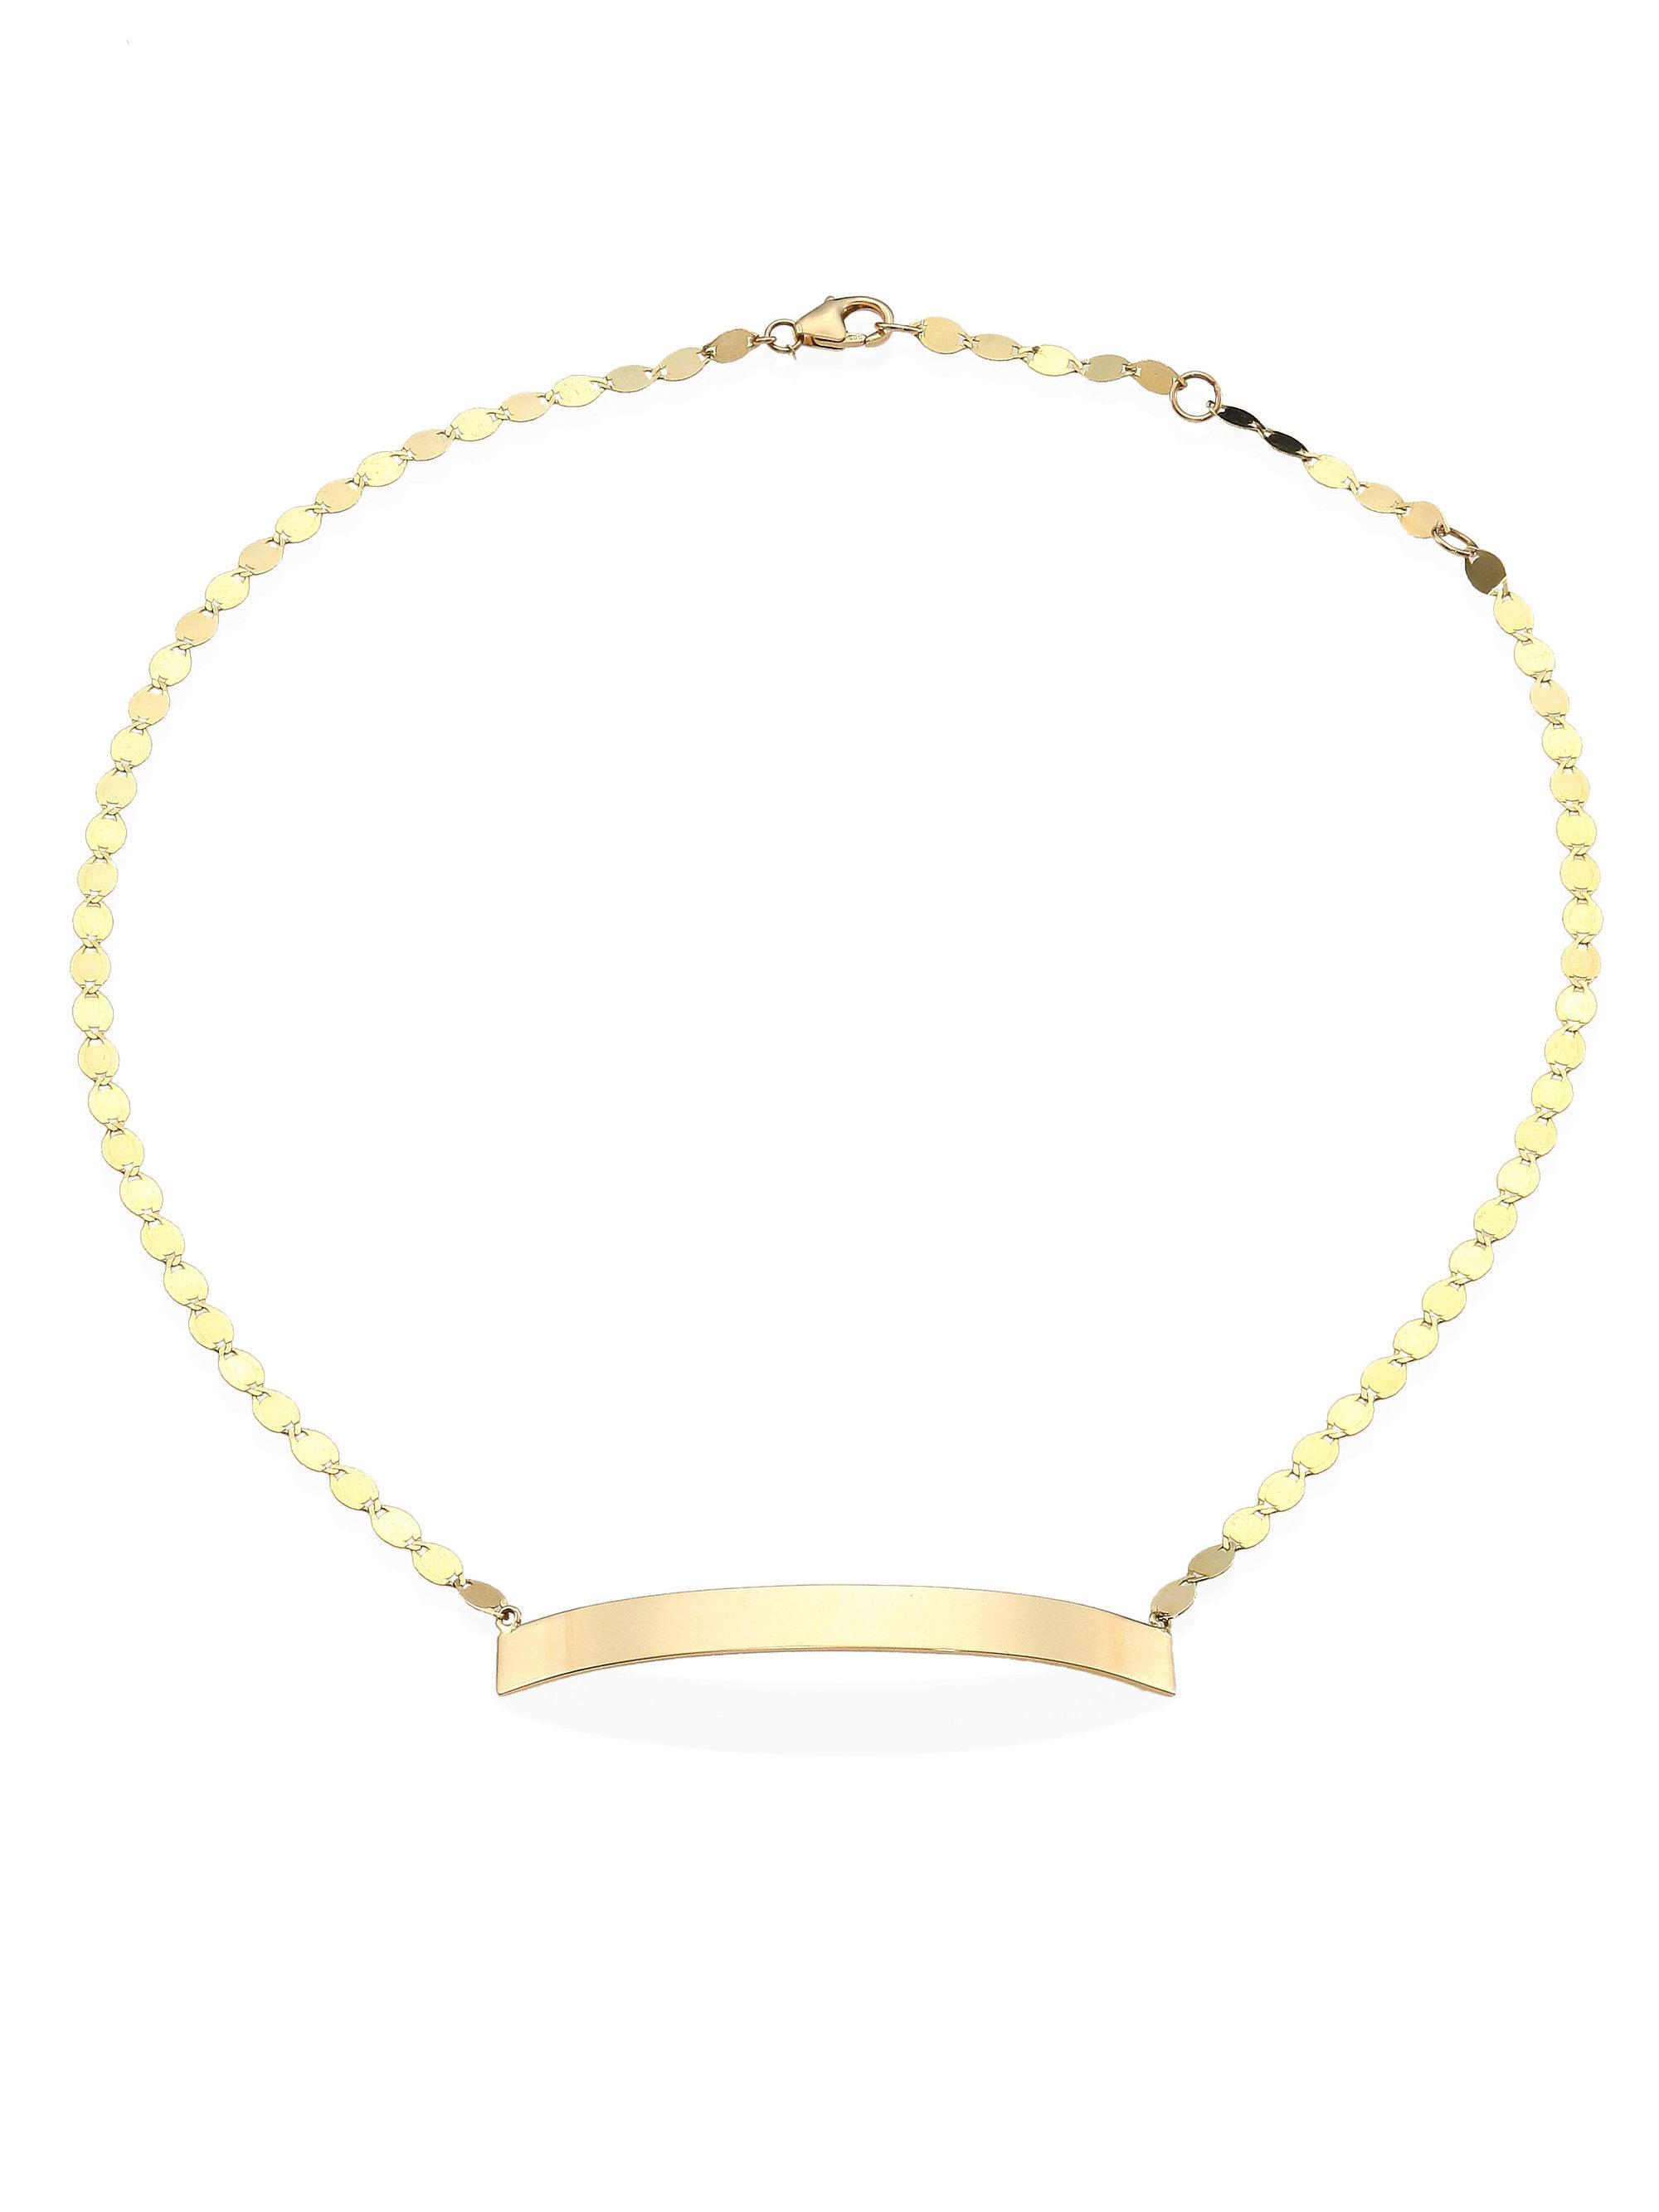 Lana Jewelry Nude Multi-Strand Chain Bracelet in 14K Gold HCrEpeVwk